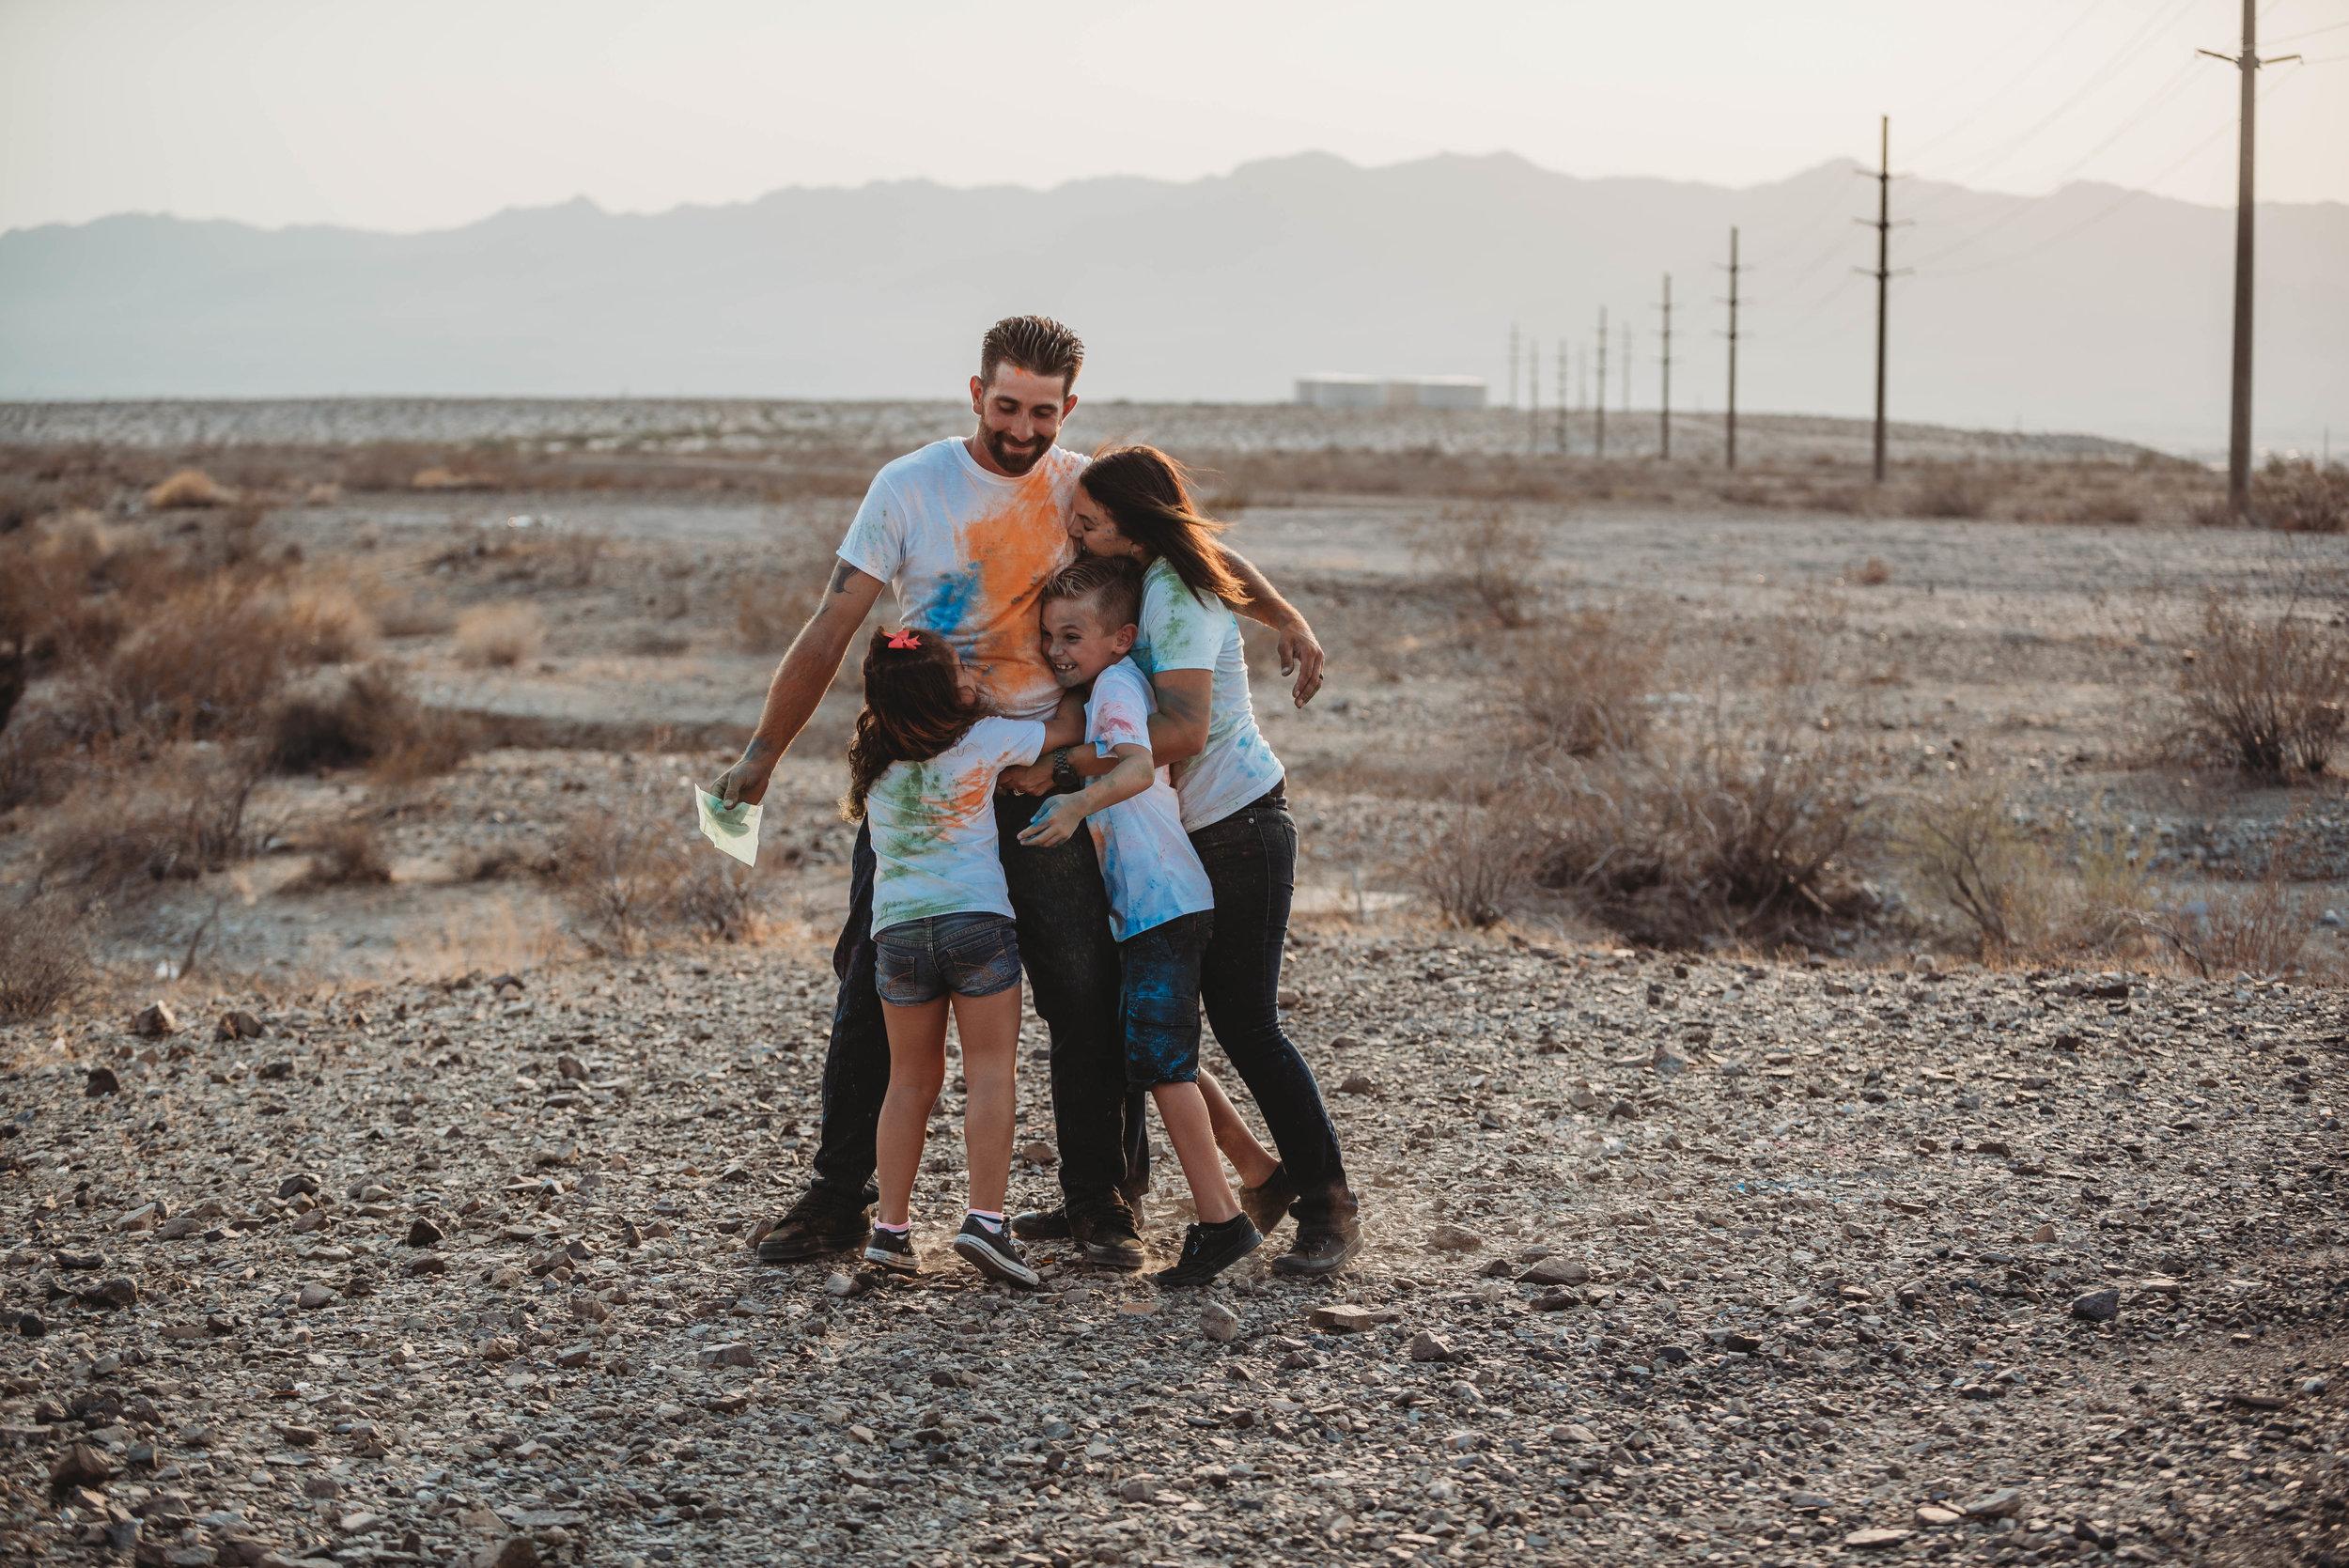 Desert power lines